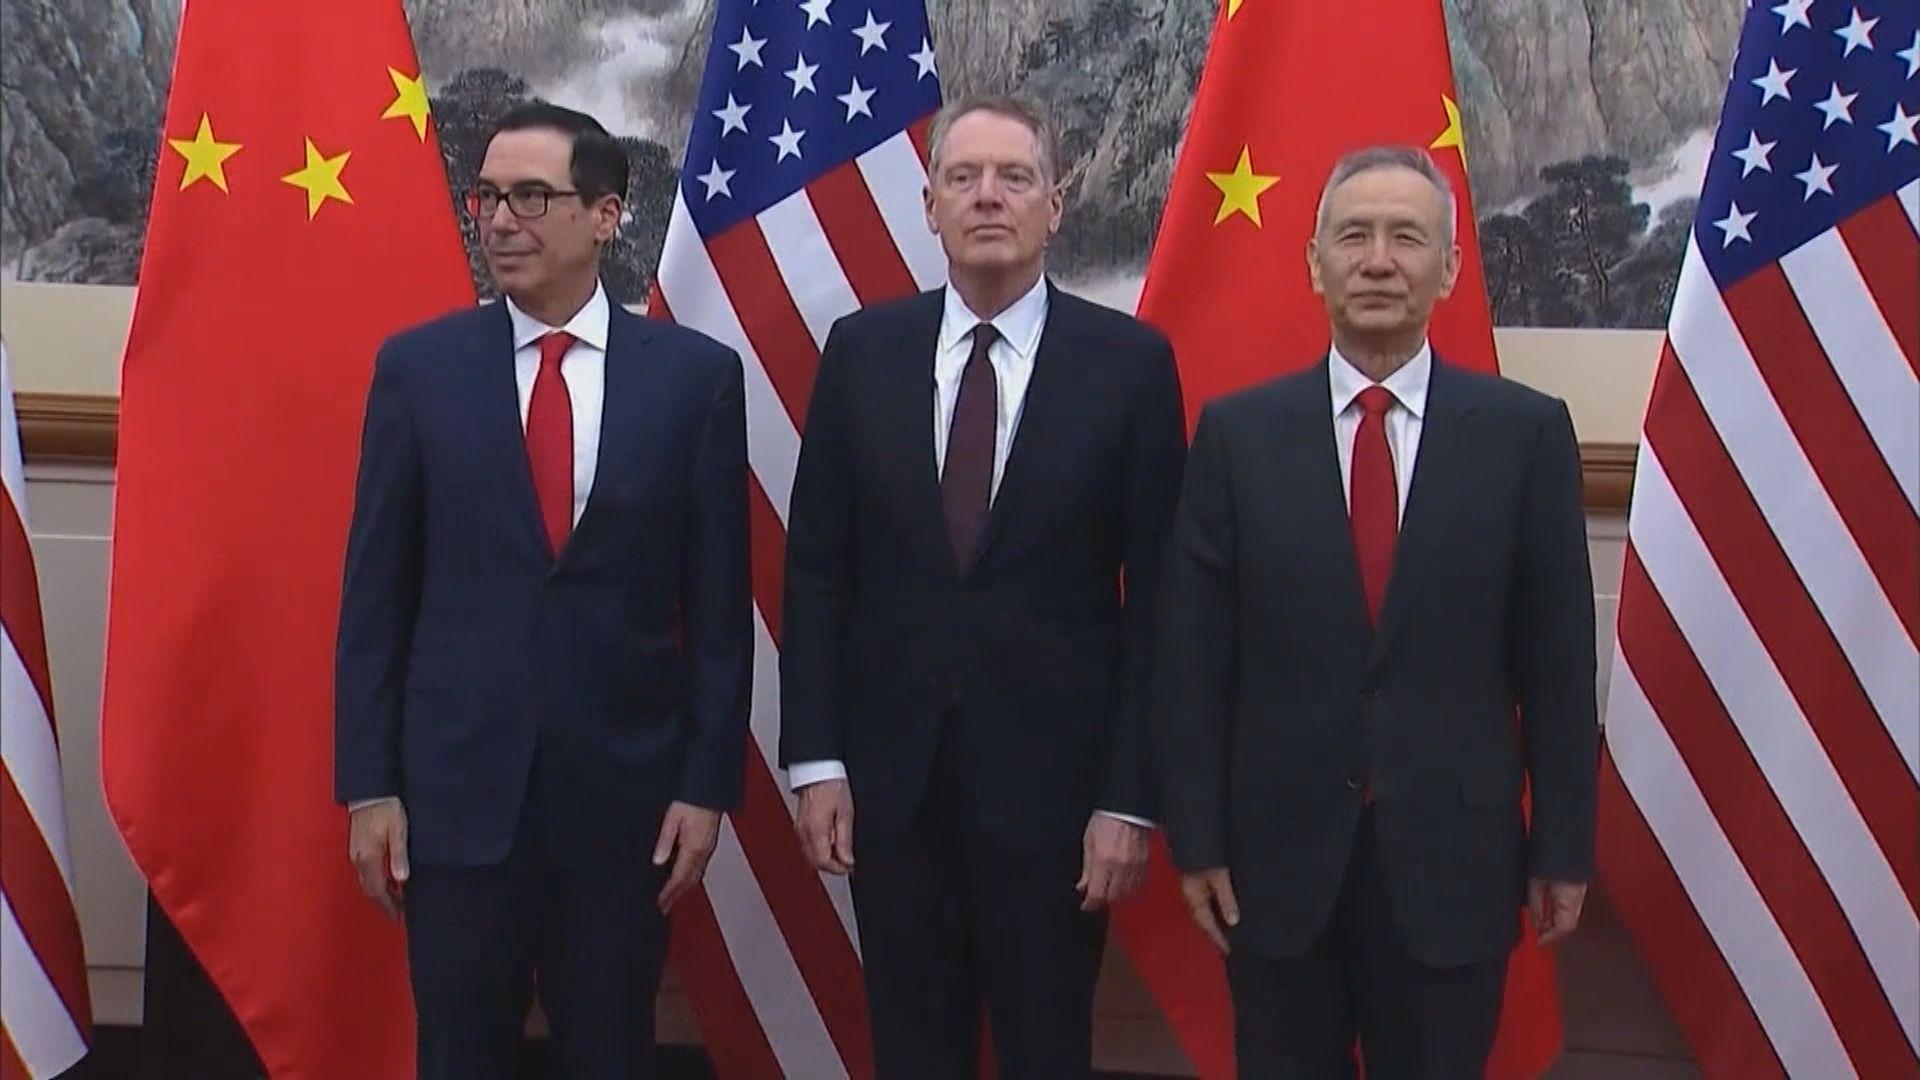 姆努欽指中美貿易談判會談具有成果